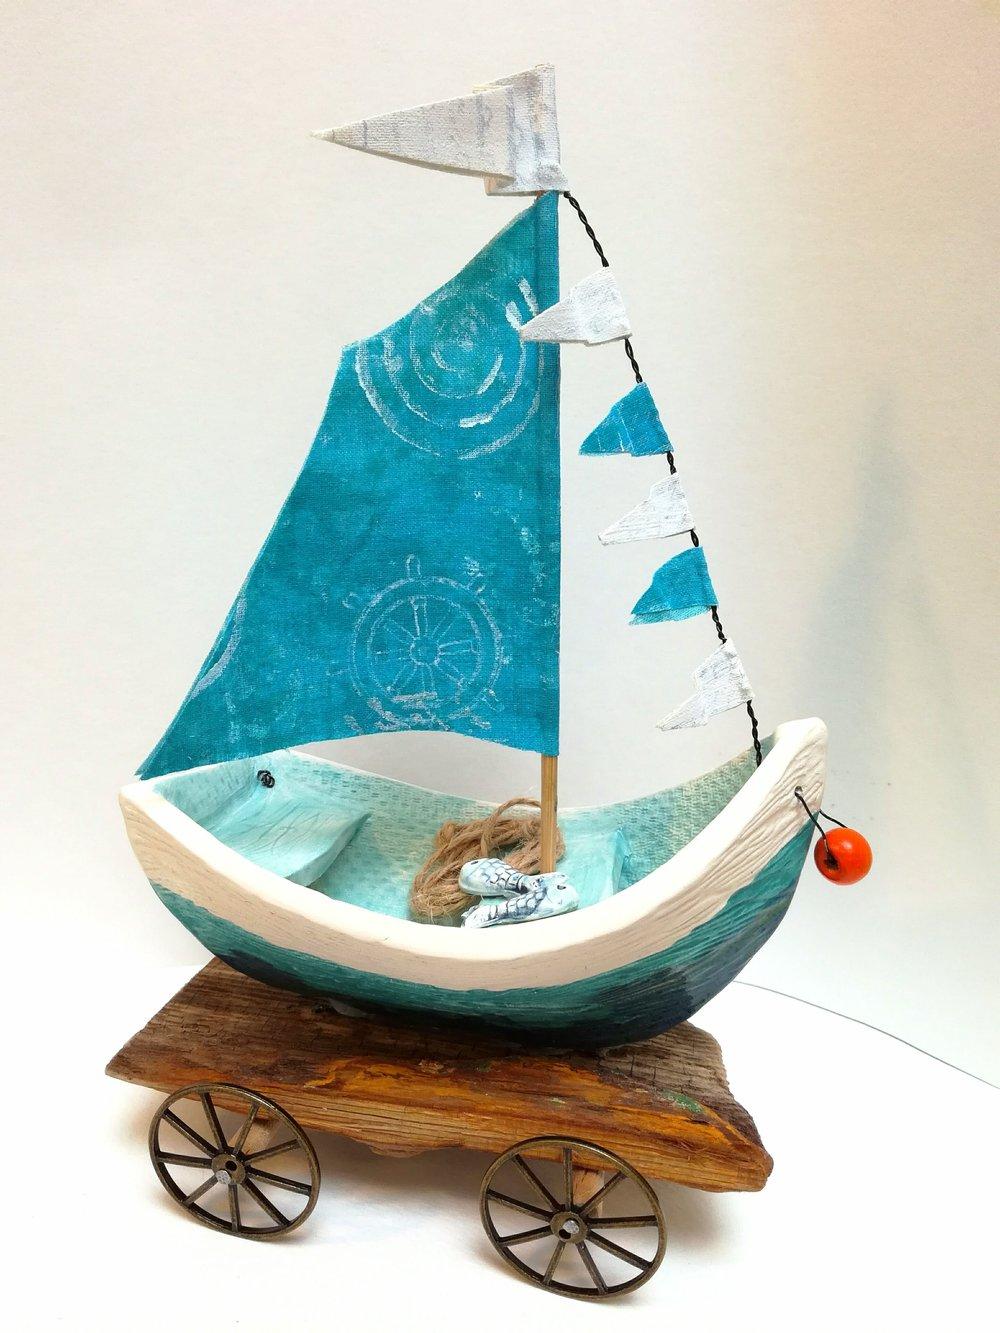 Trawler on Driftwood by Gail Trezise Multimedia Art Show.jpg